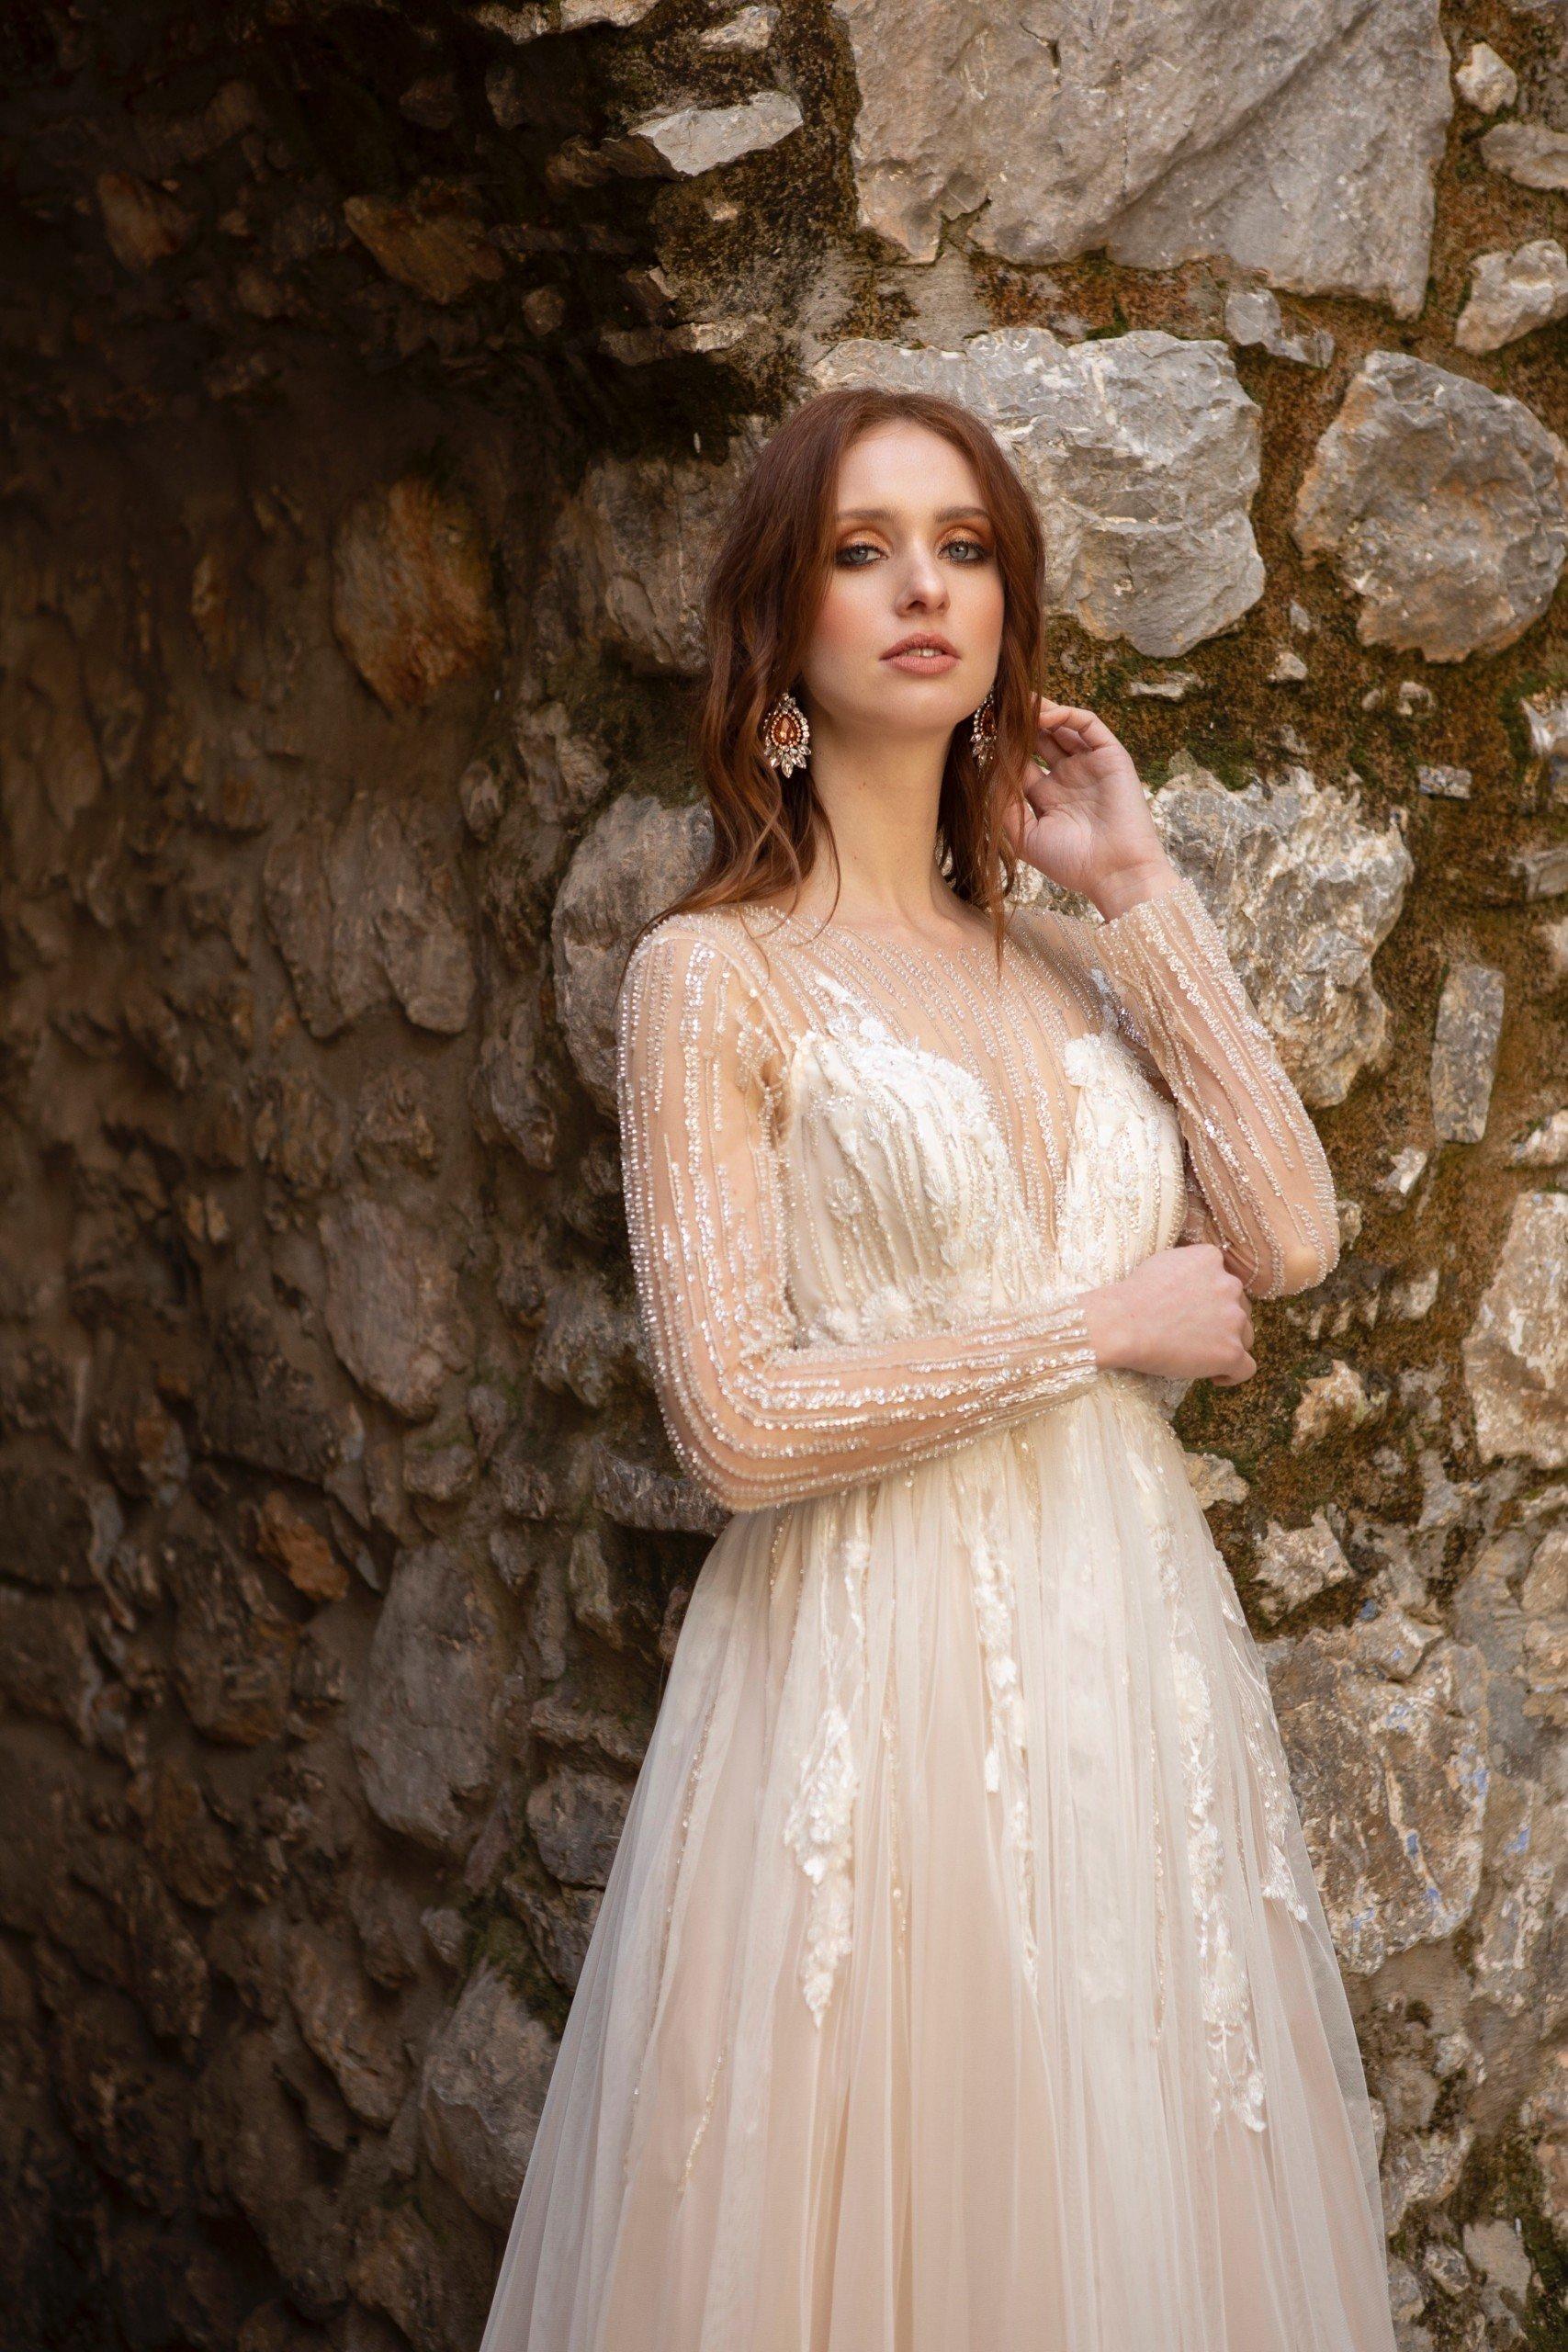 hochzeitskleid in blush mit funkelnden stickereien von emine